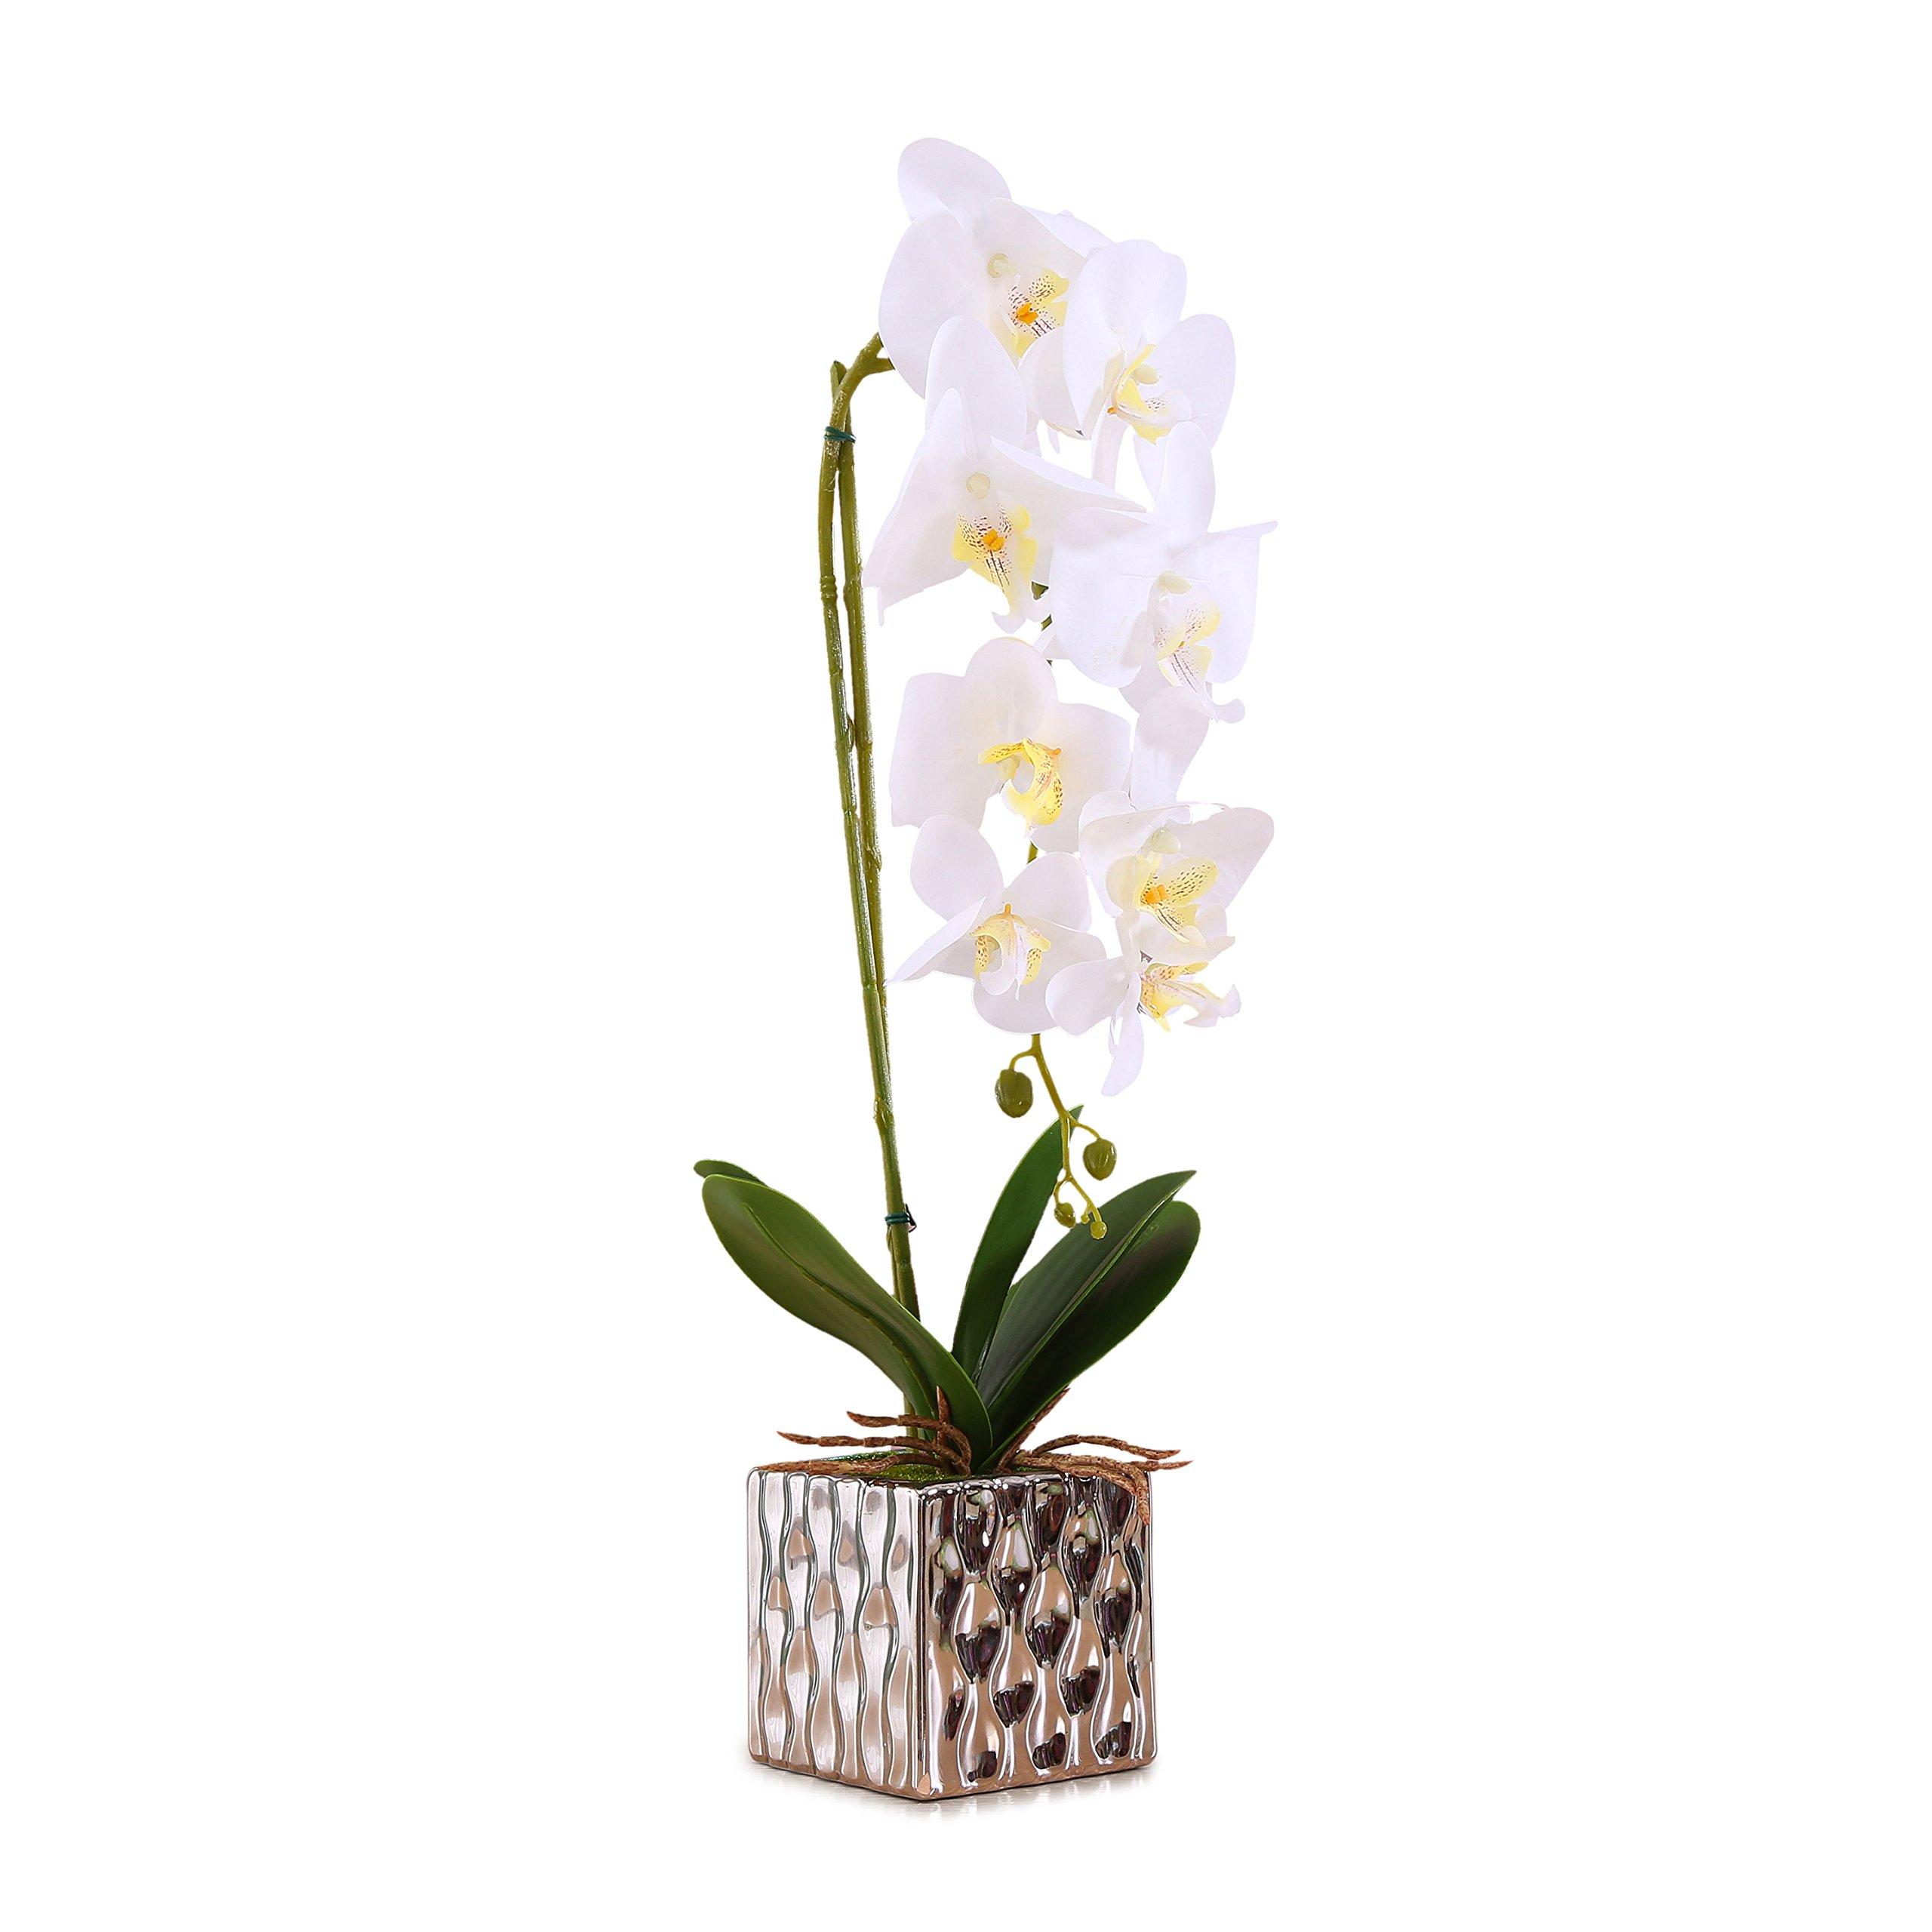 Orchid Flower Arrangements: Amazon.com